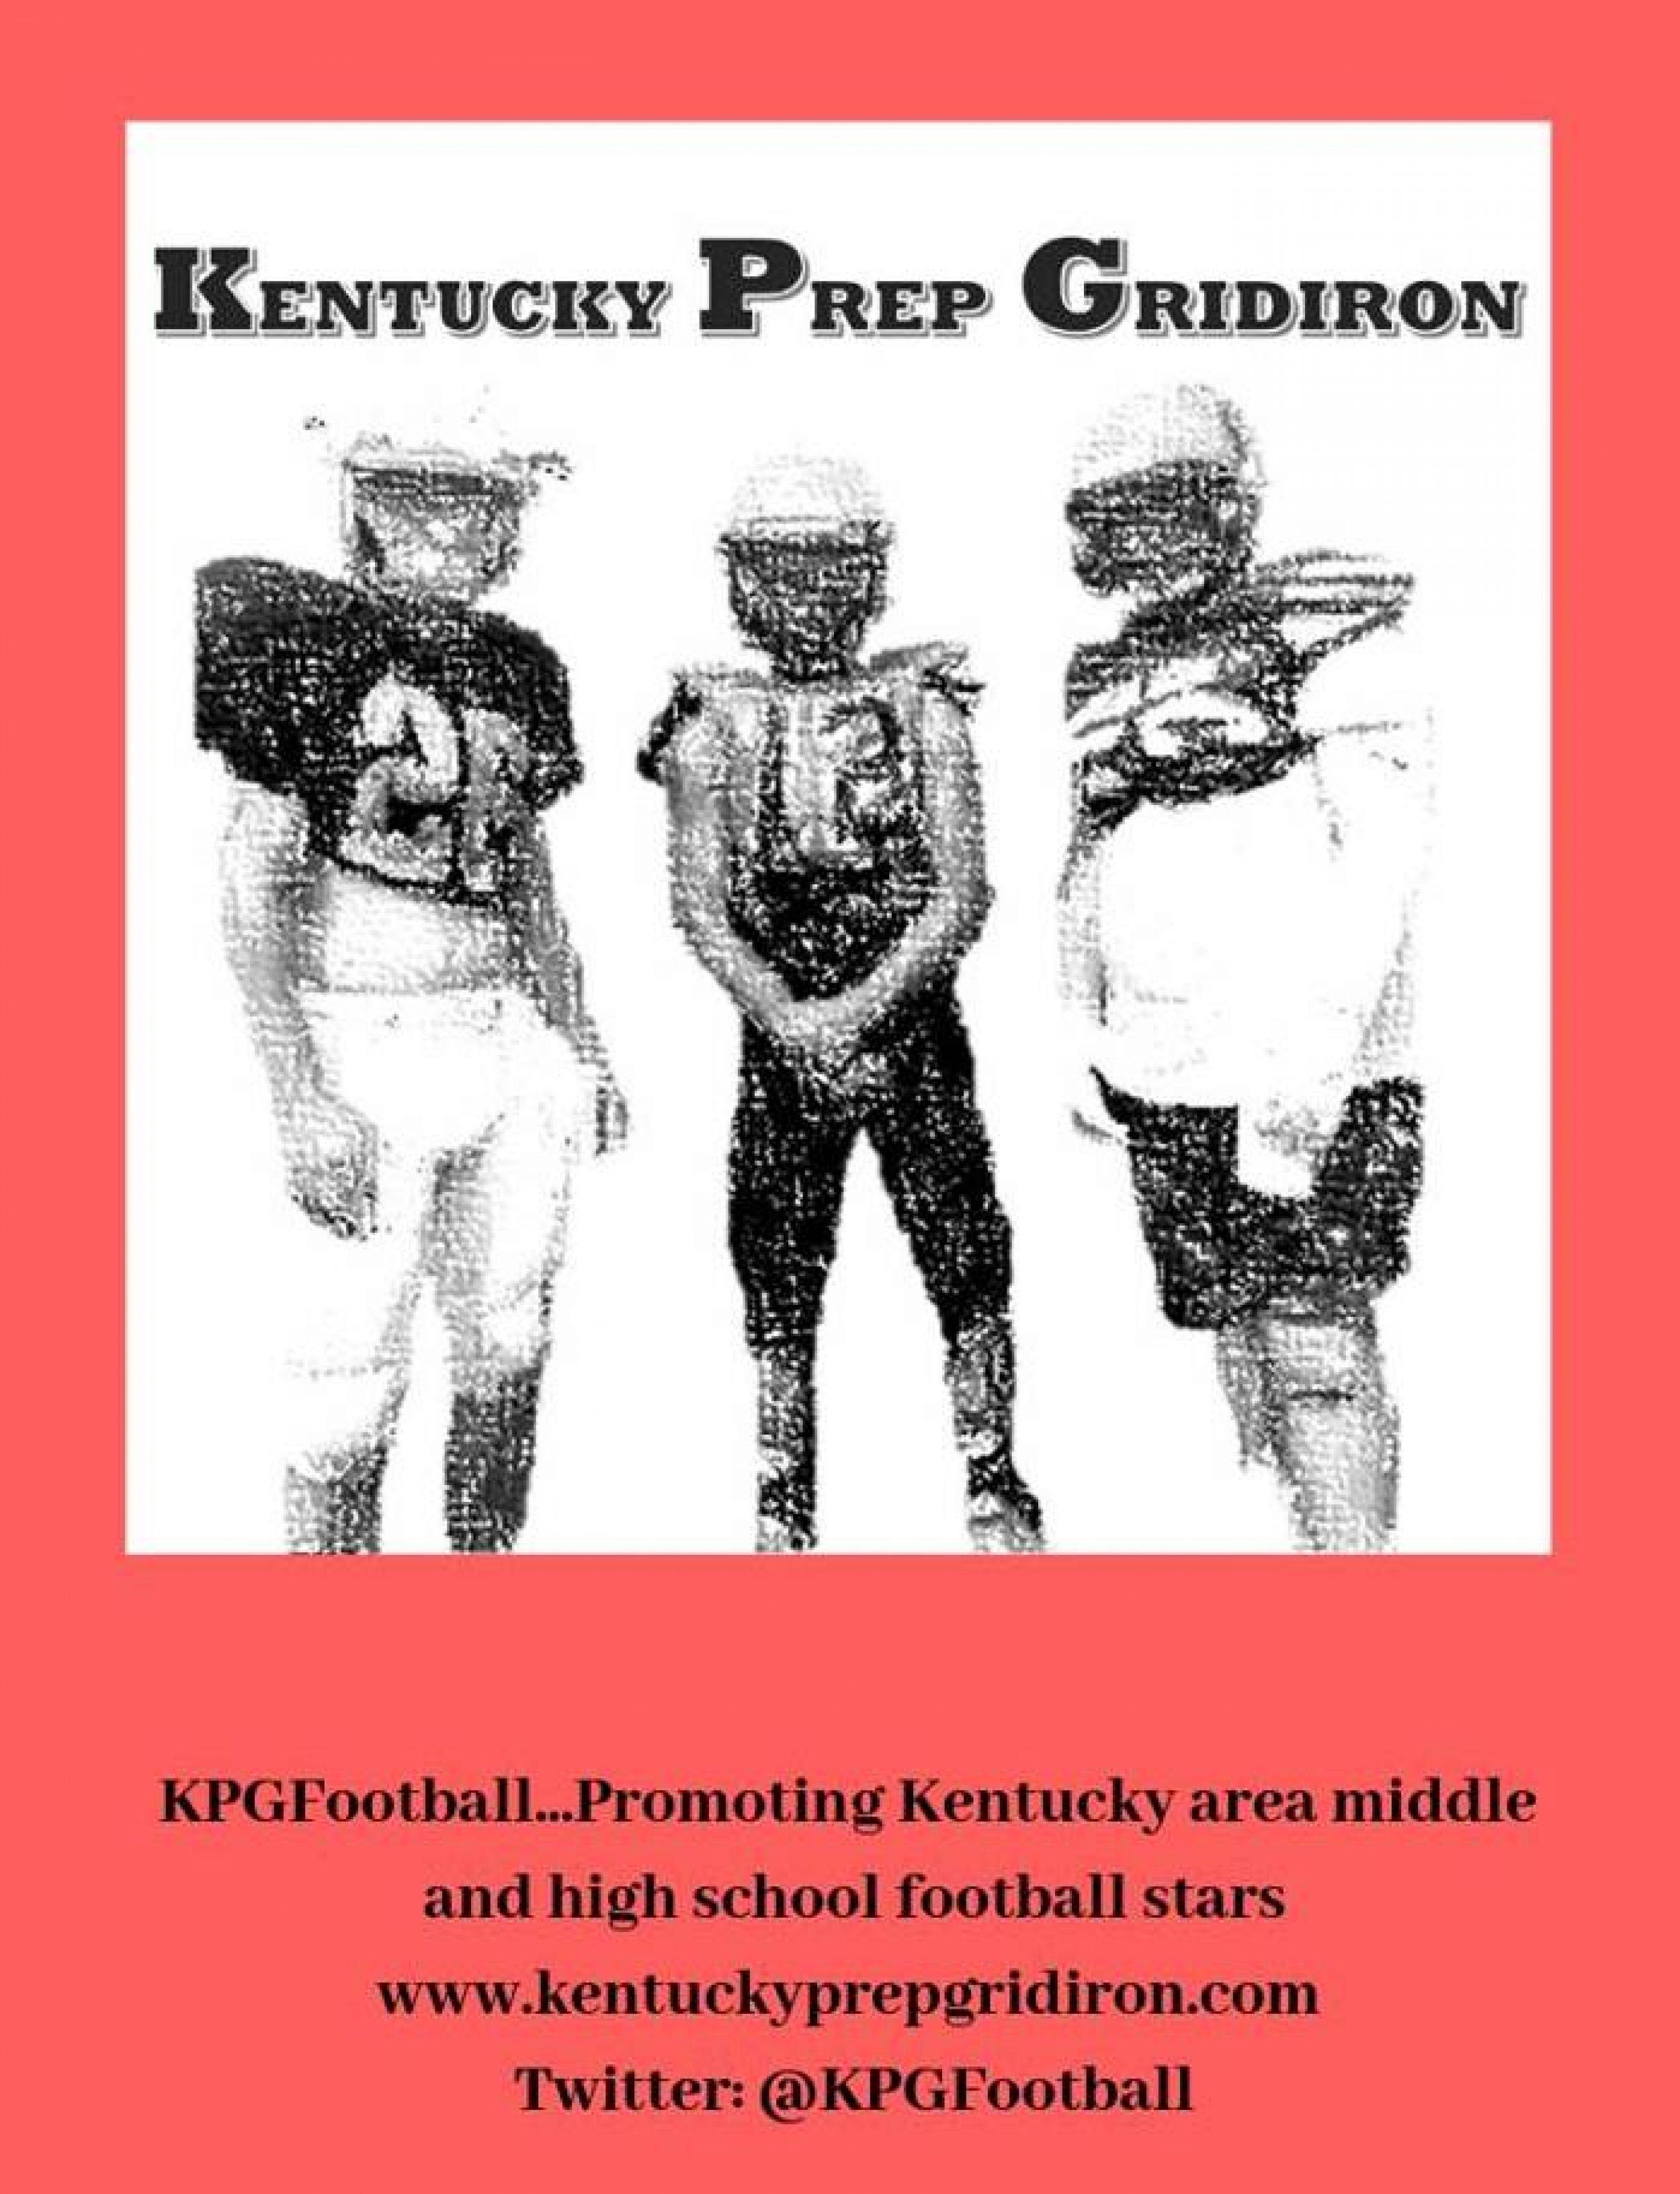 Kentucky Prep Gridiron